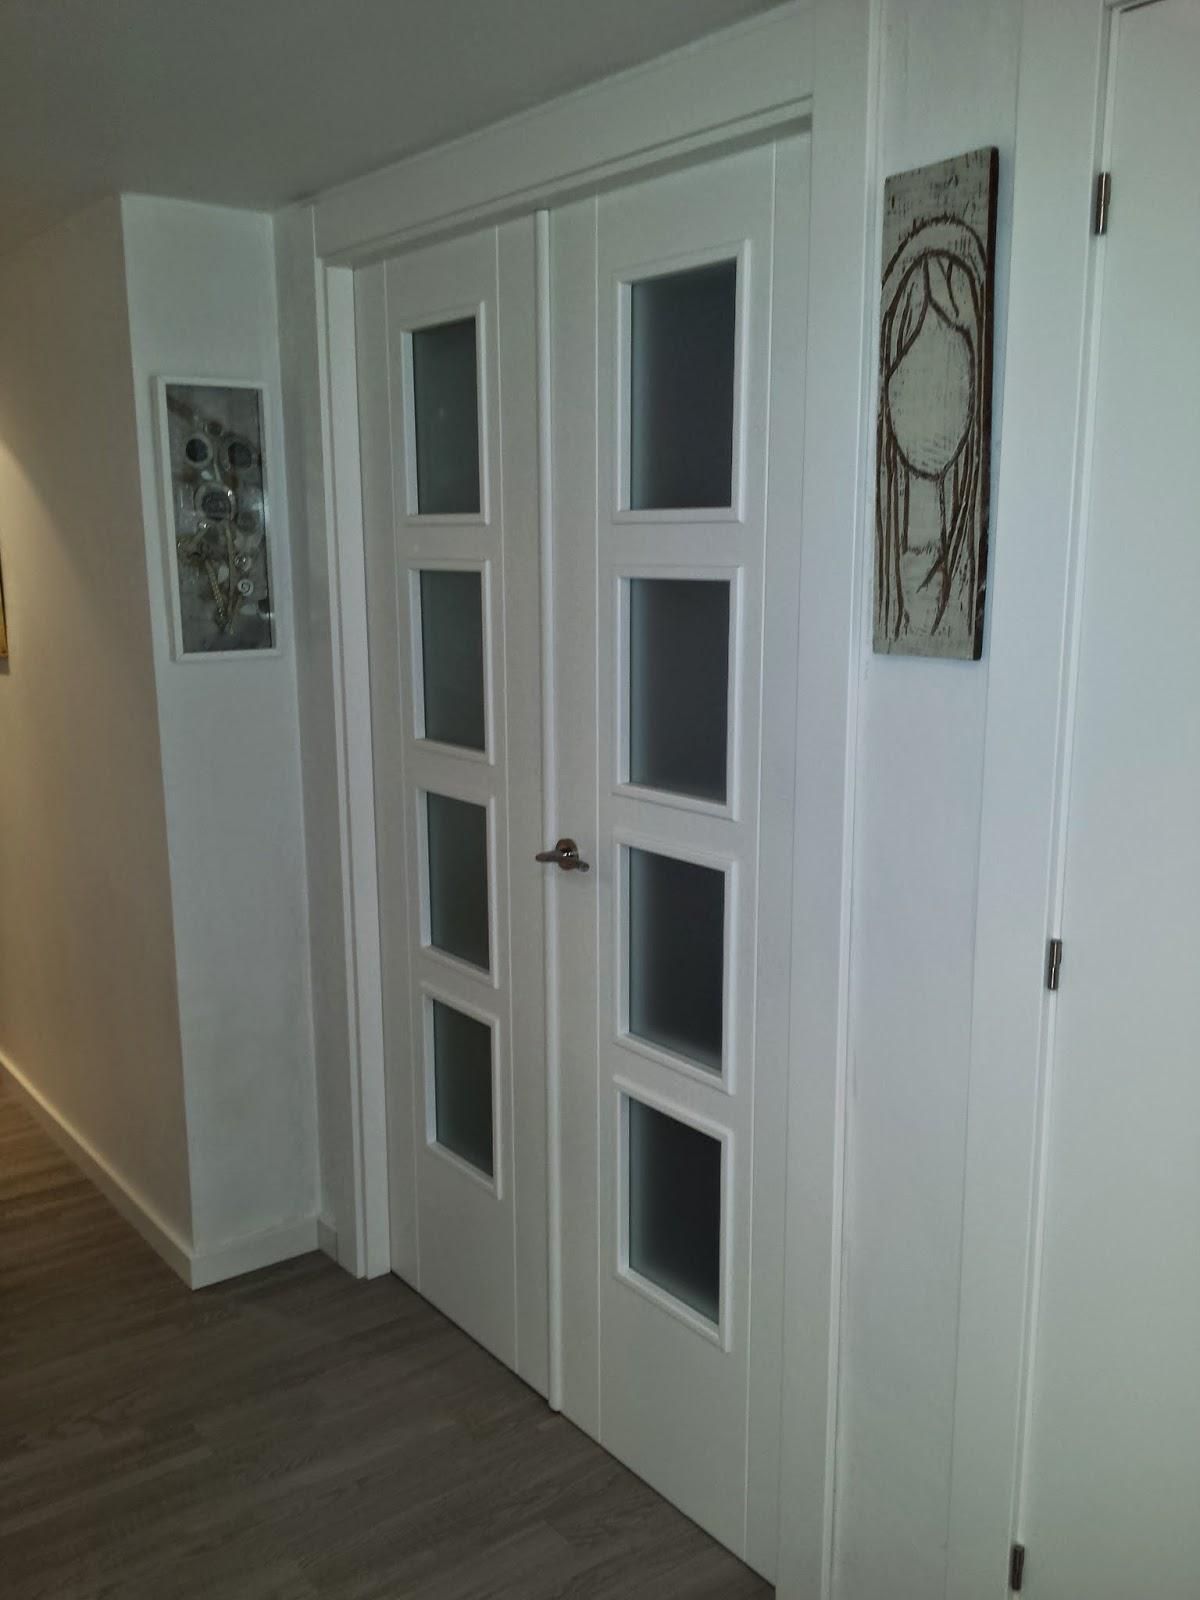 Puertas y maderas gasca mobiliario a medida y reformas for Puertas blancas dobles